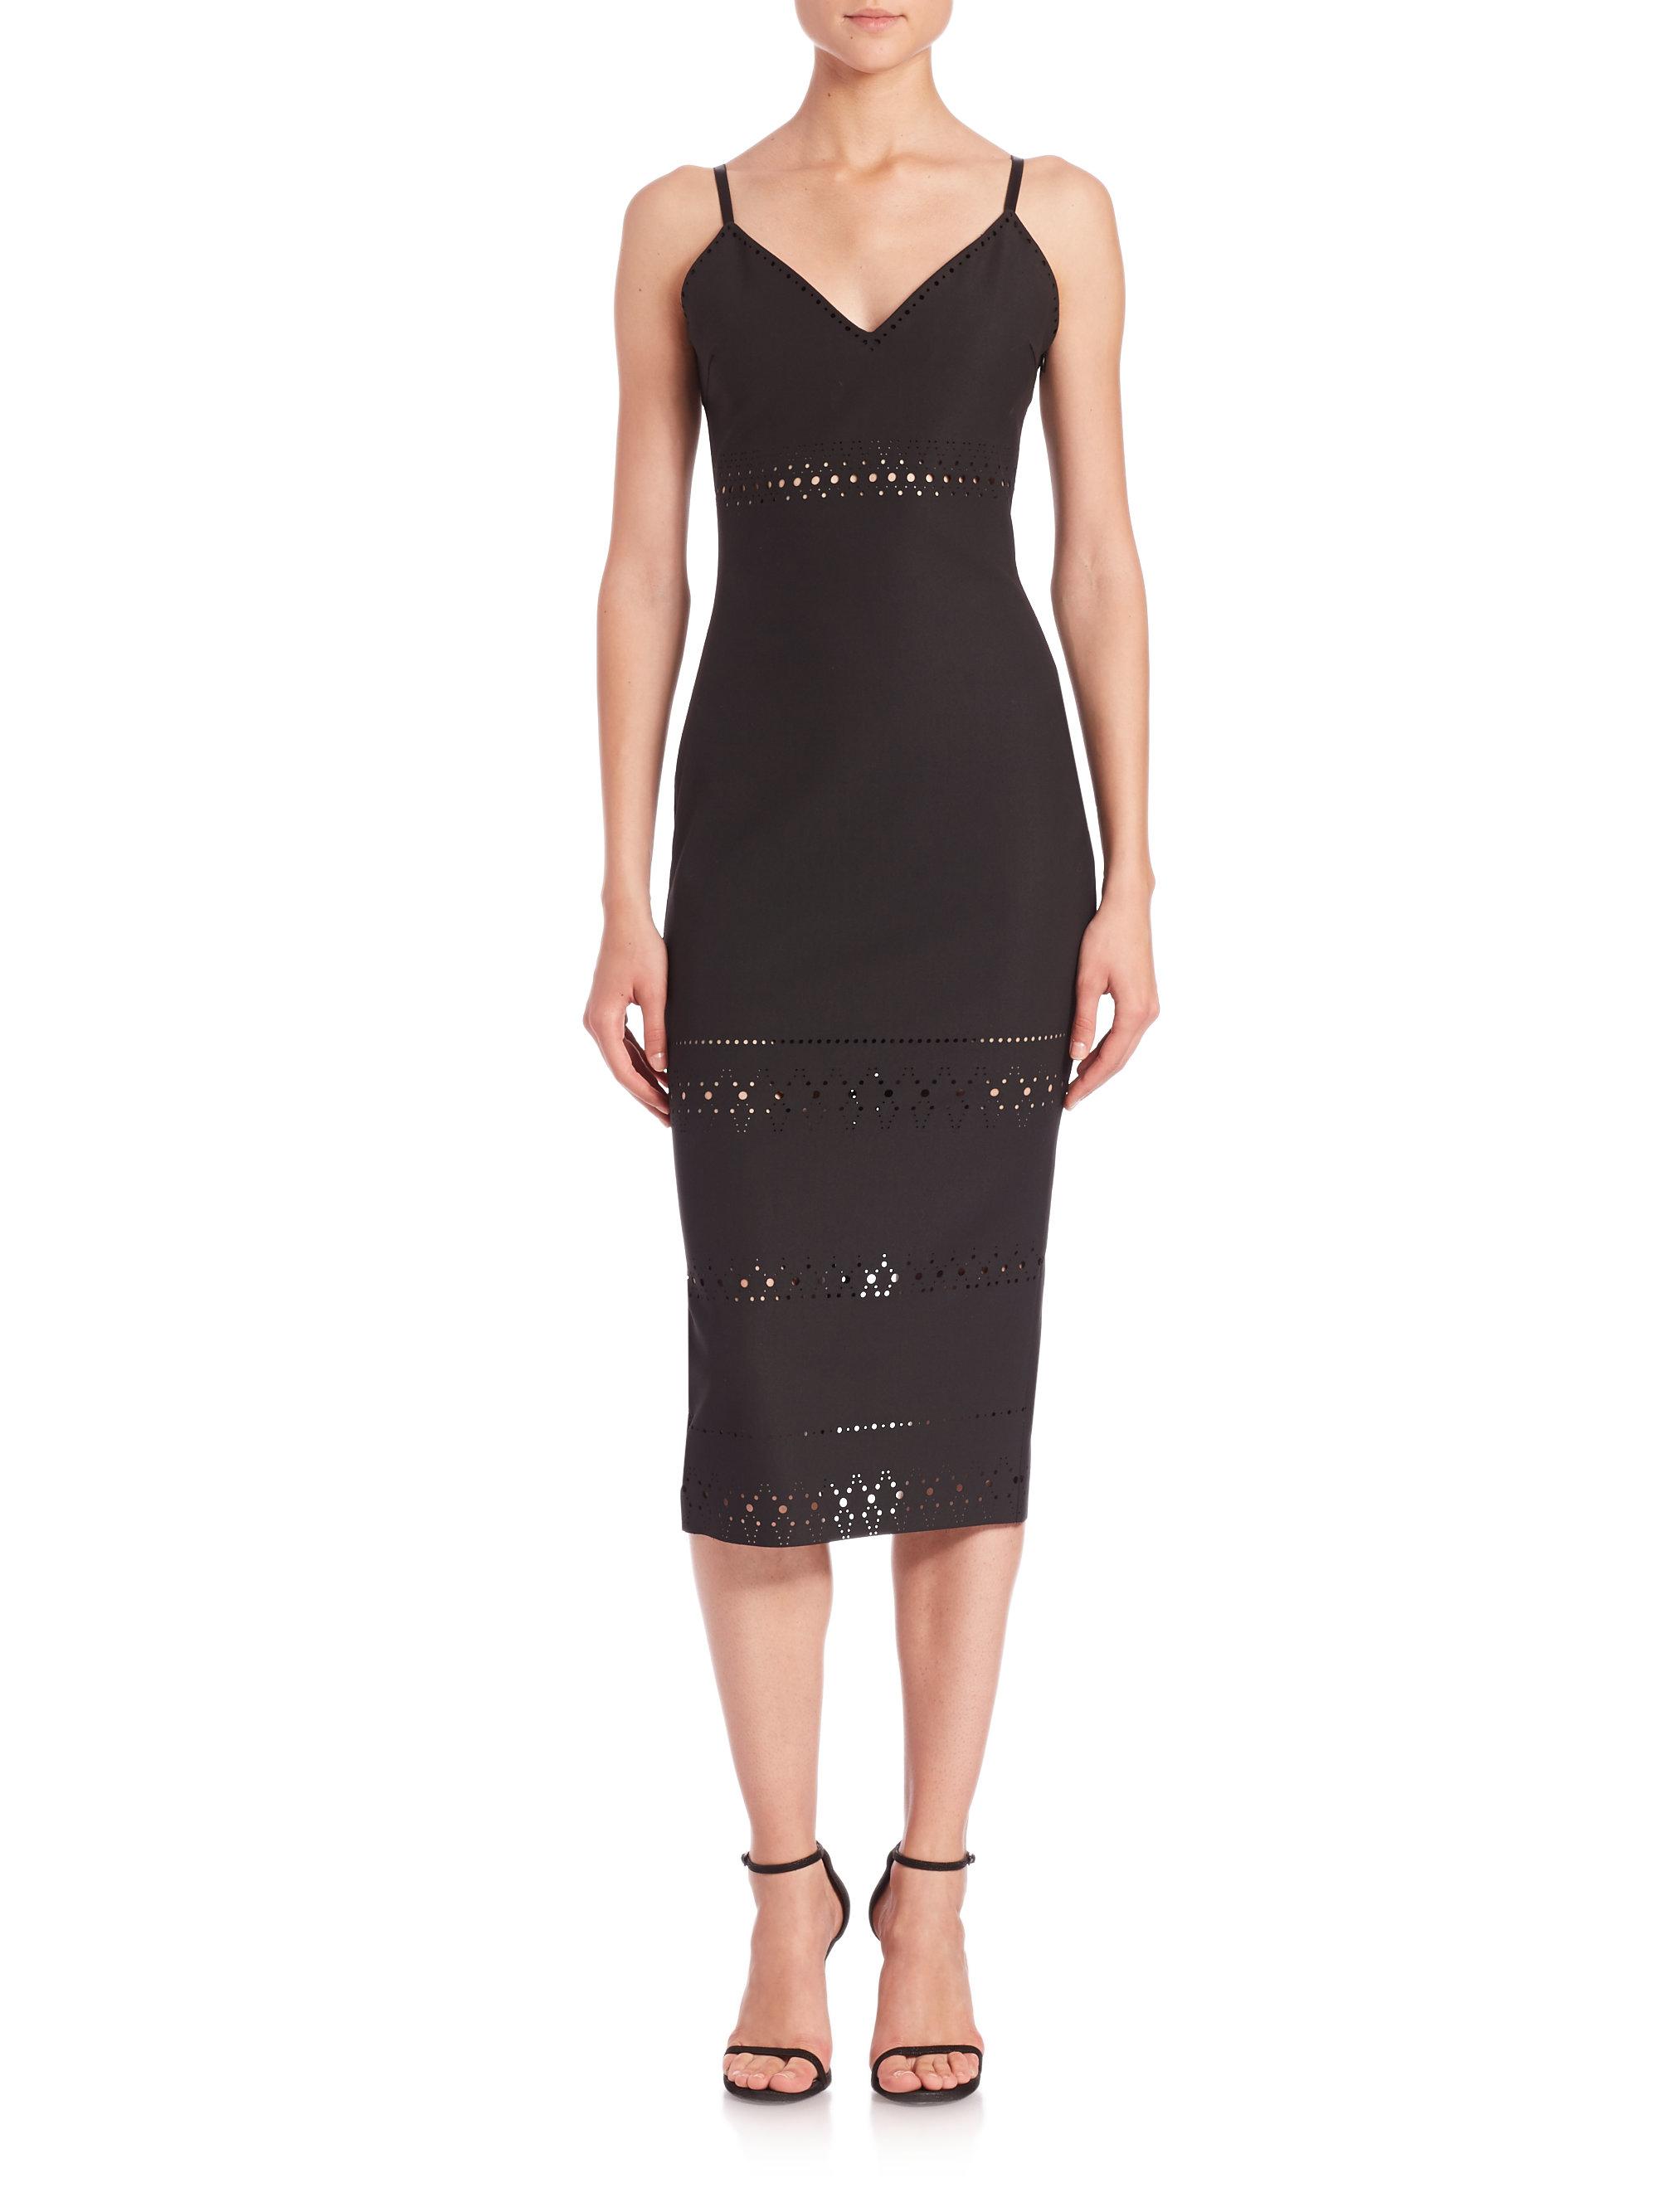 lyst elizabeth and james maria laser cut sheath dress in black. Black Bedroom Furniture Sets. Home Design Ideas